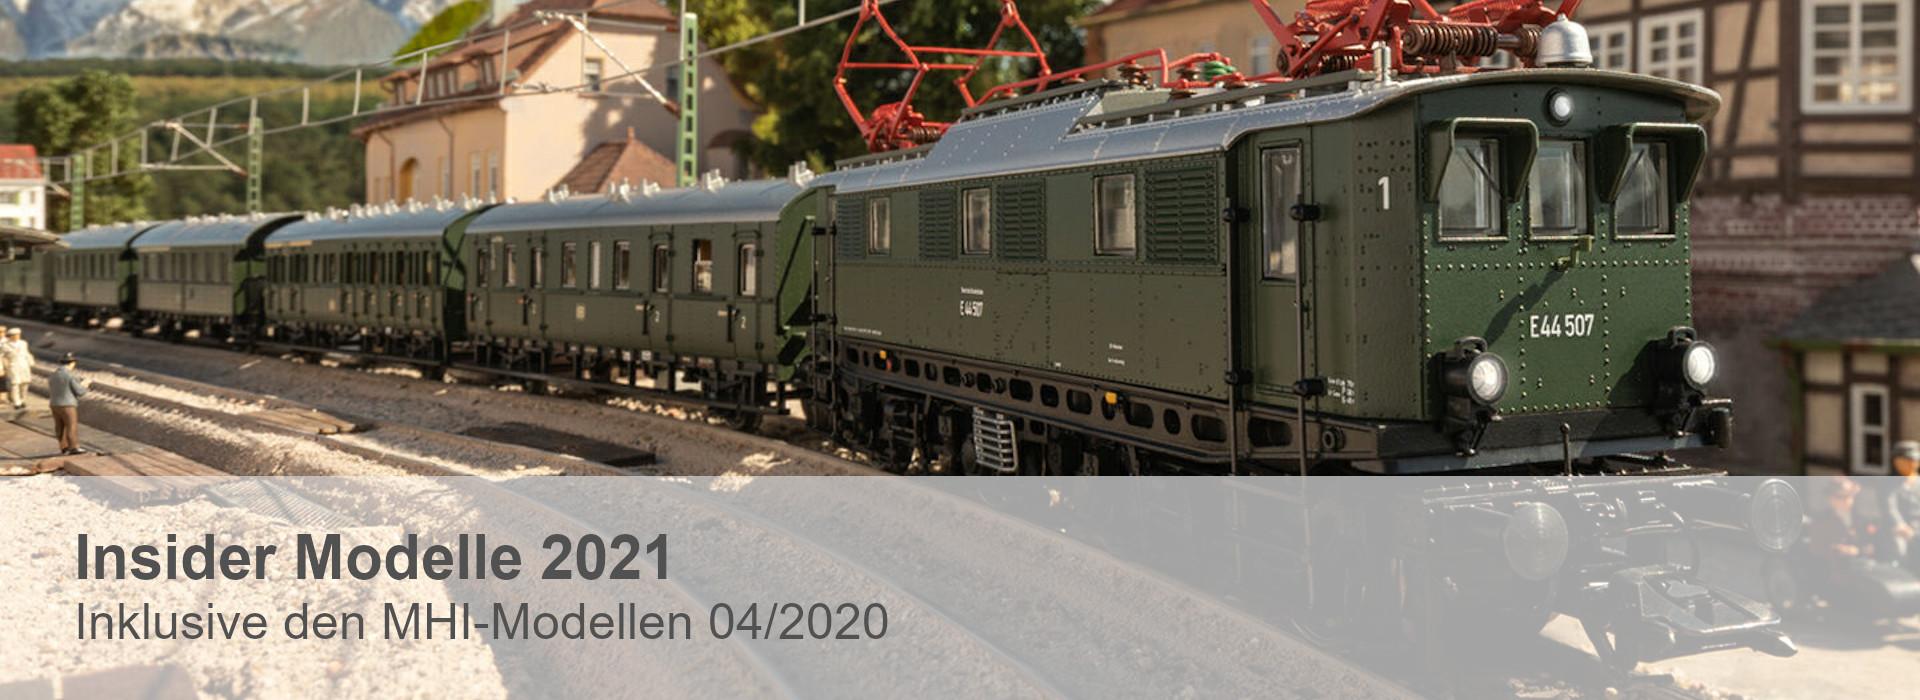 Insider Modellle 2021